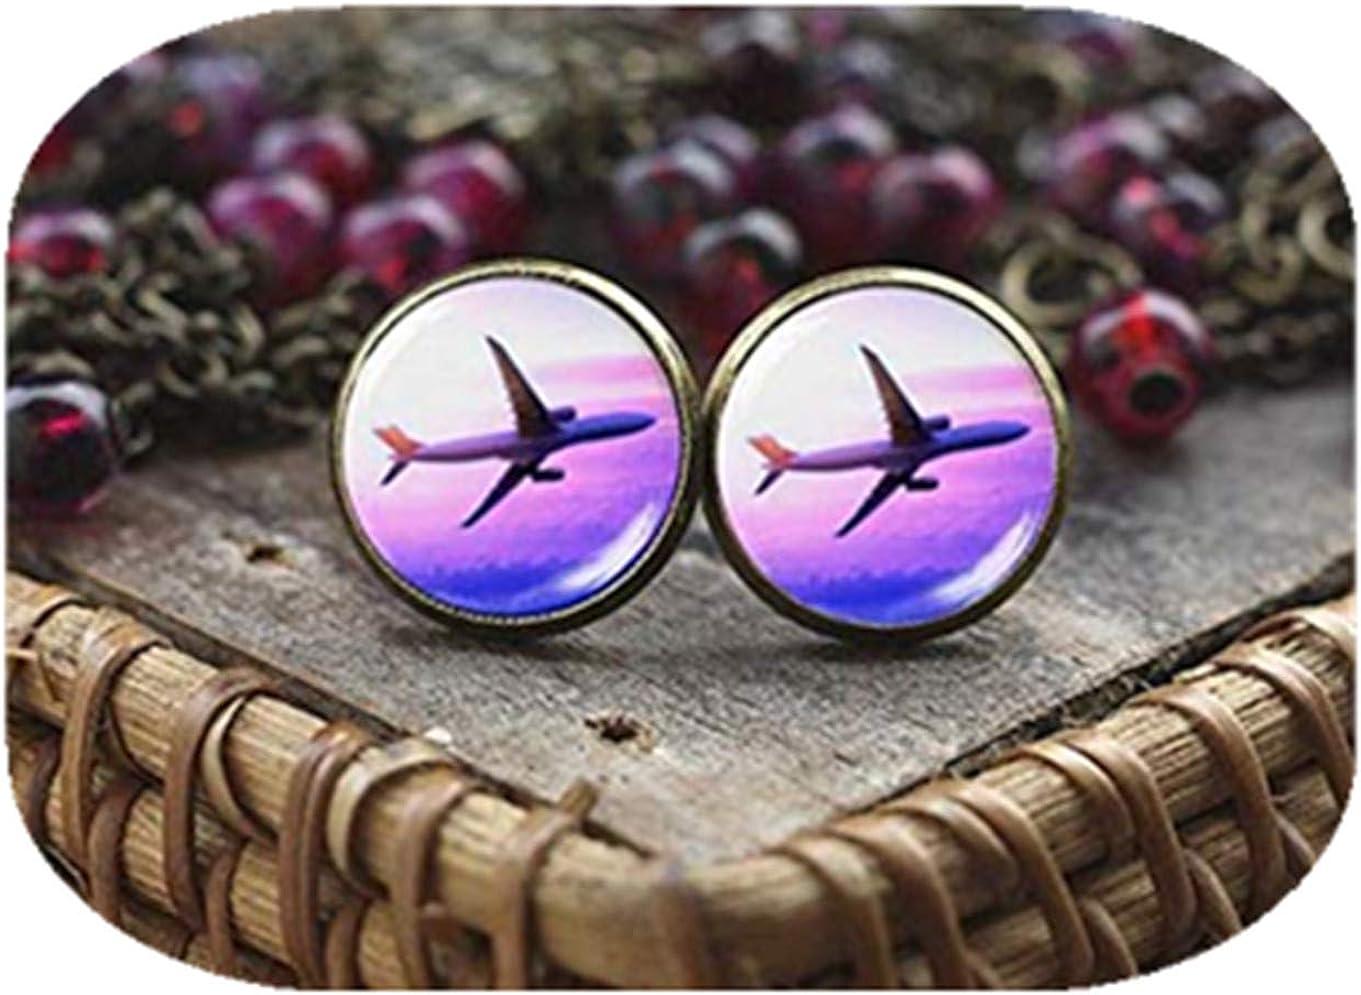 Pendientes de avión, pendientes de avión, pendientes de avión, pendientes de aviación piloto, regalo de viajero, pendientes de avión, un hermoso regalo.